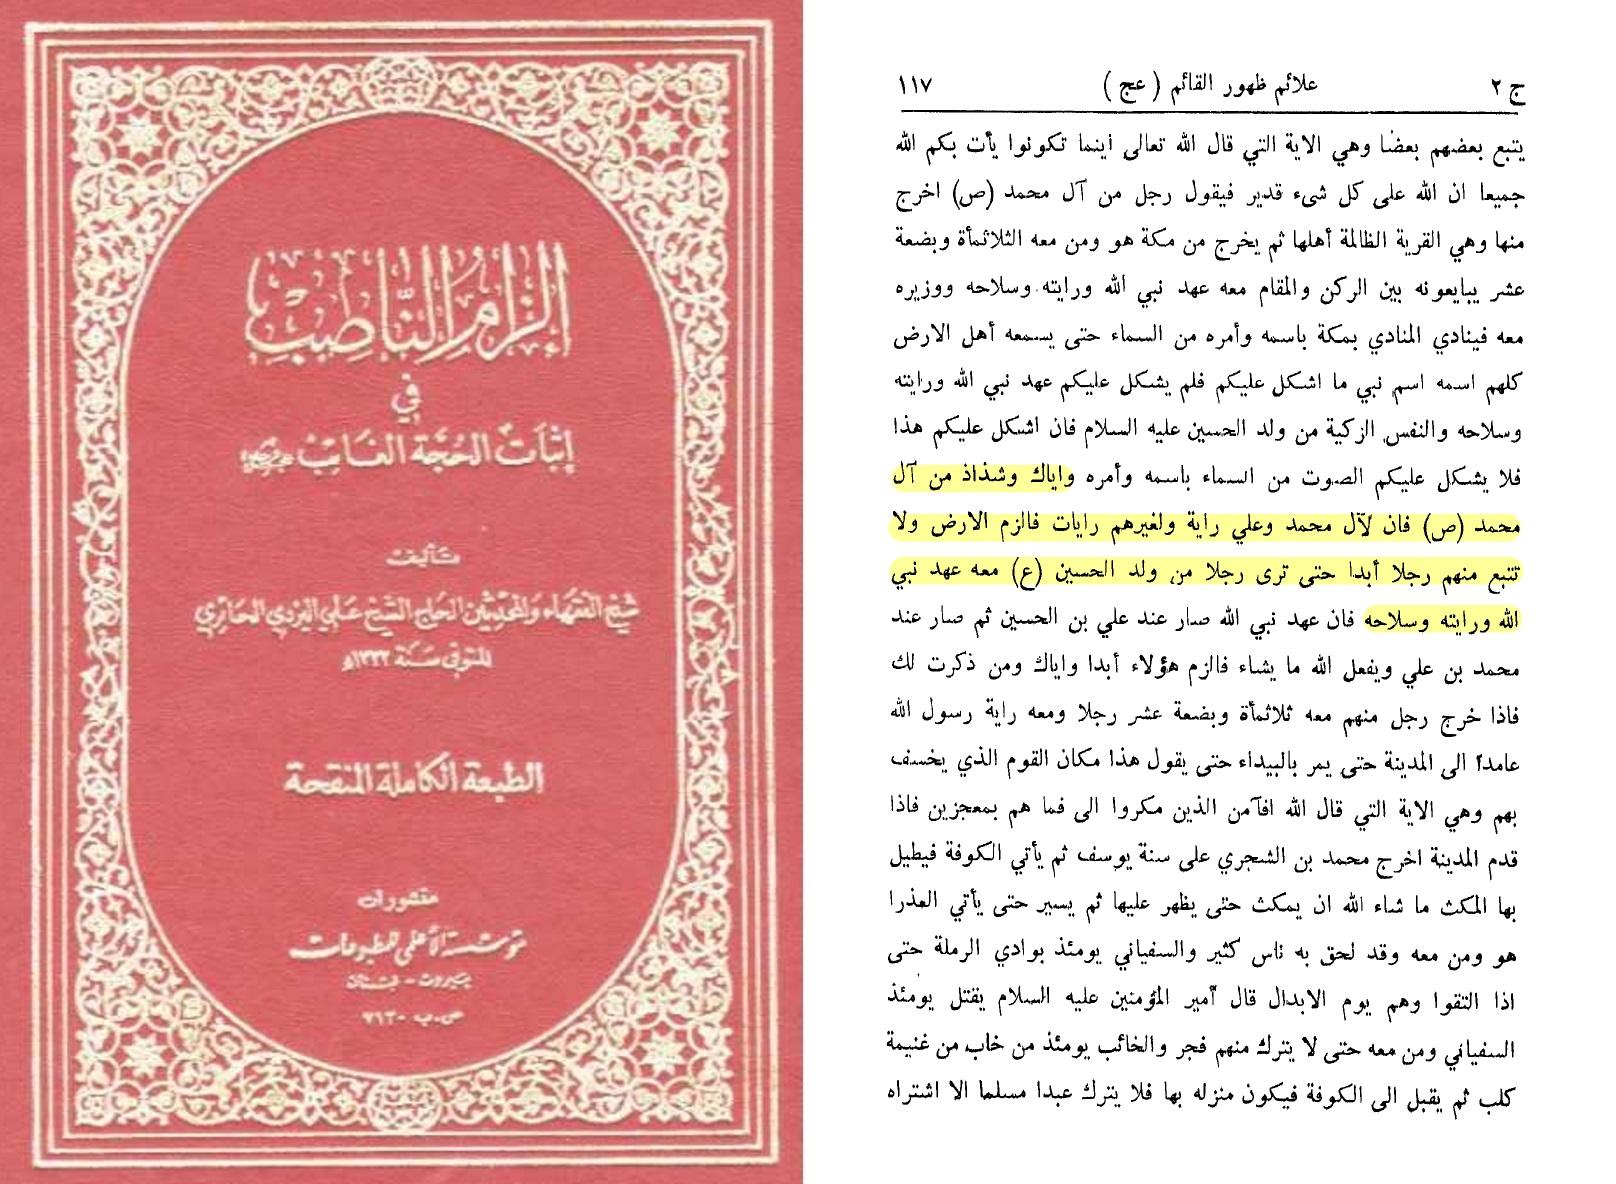 elzam-e-naseb-band-2-seite-117